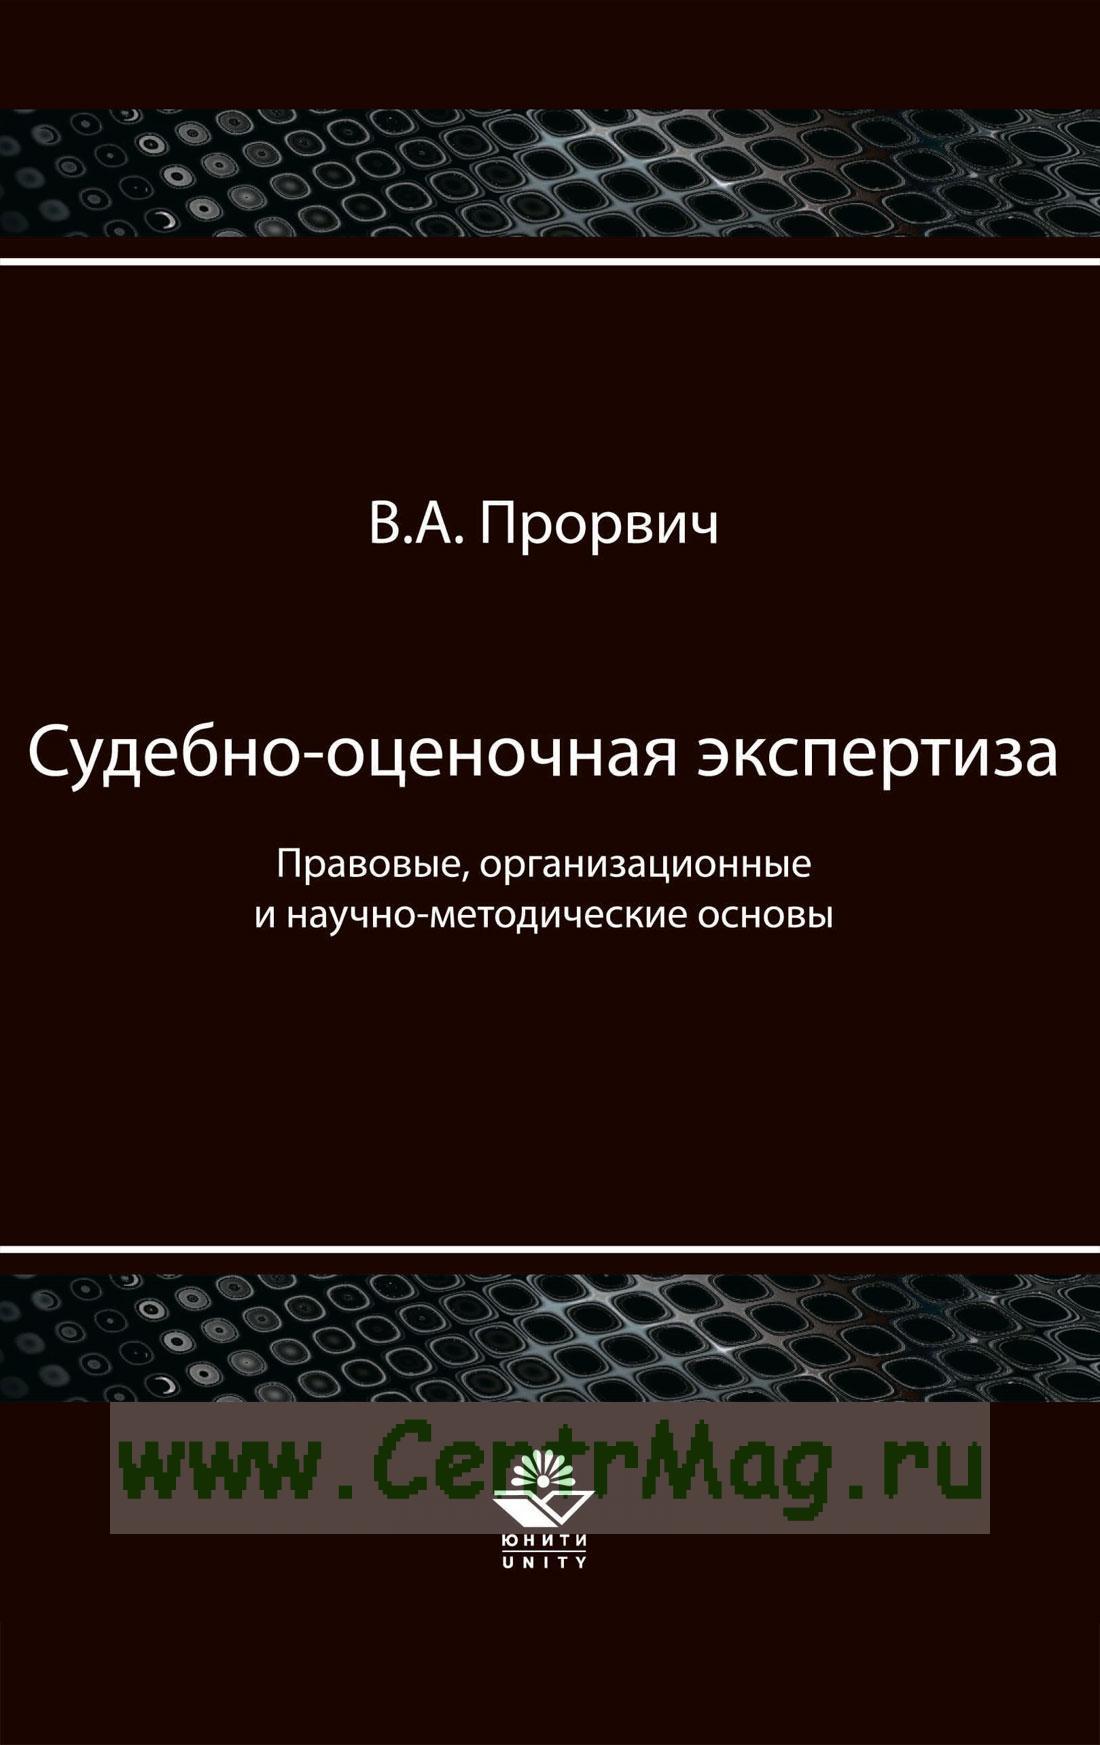 Судебно-оценочная экспертиза: Правовые, организационные и научно-методические основы: учебное пособие (2-е издание, переработанное и дополненное)